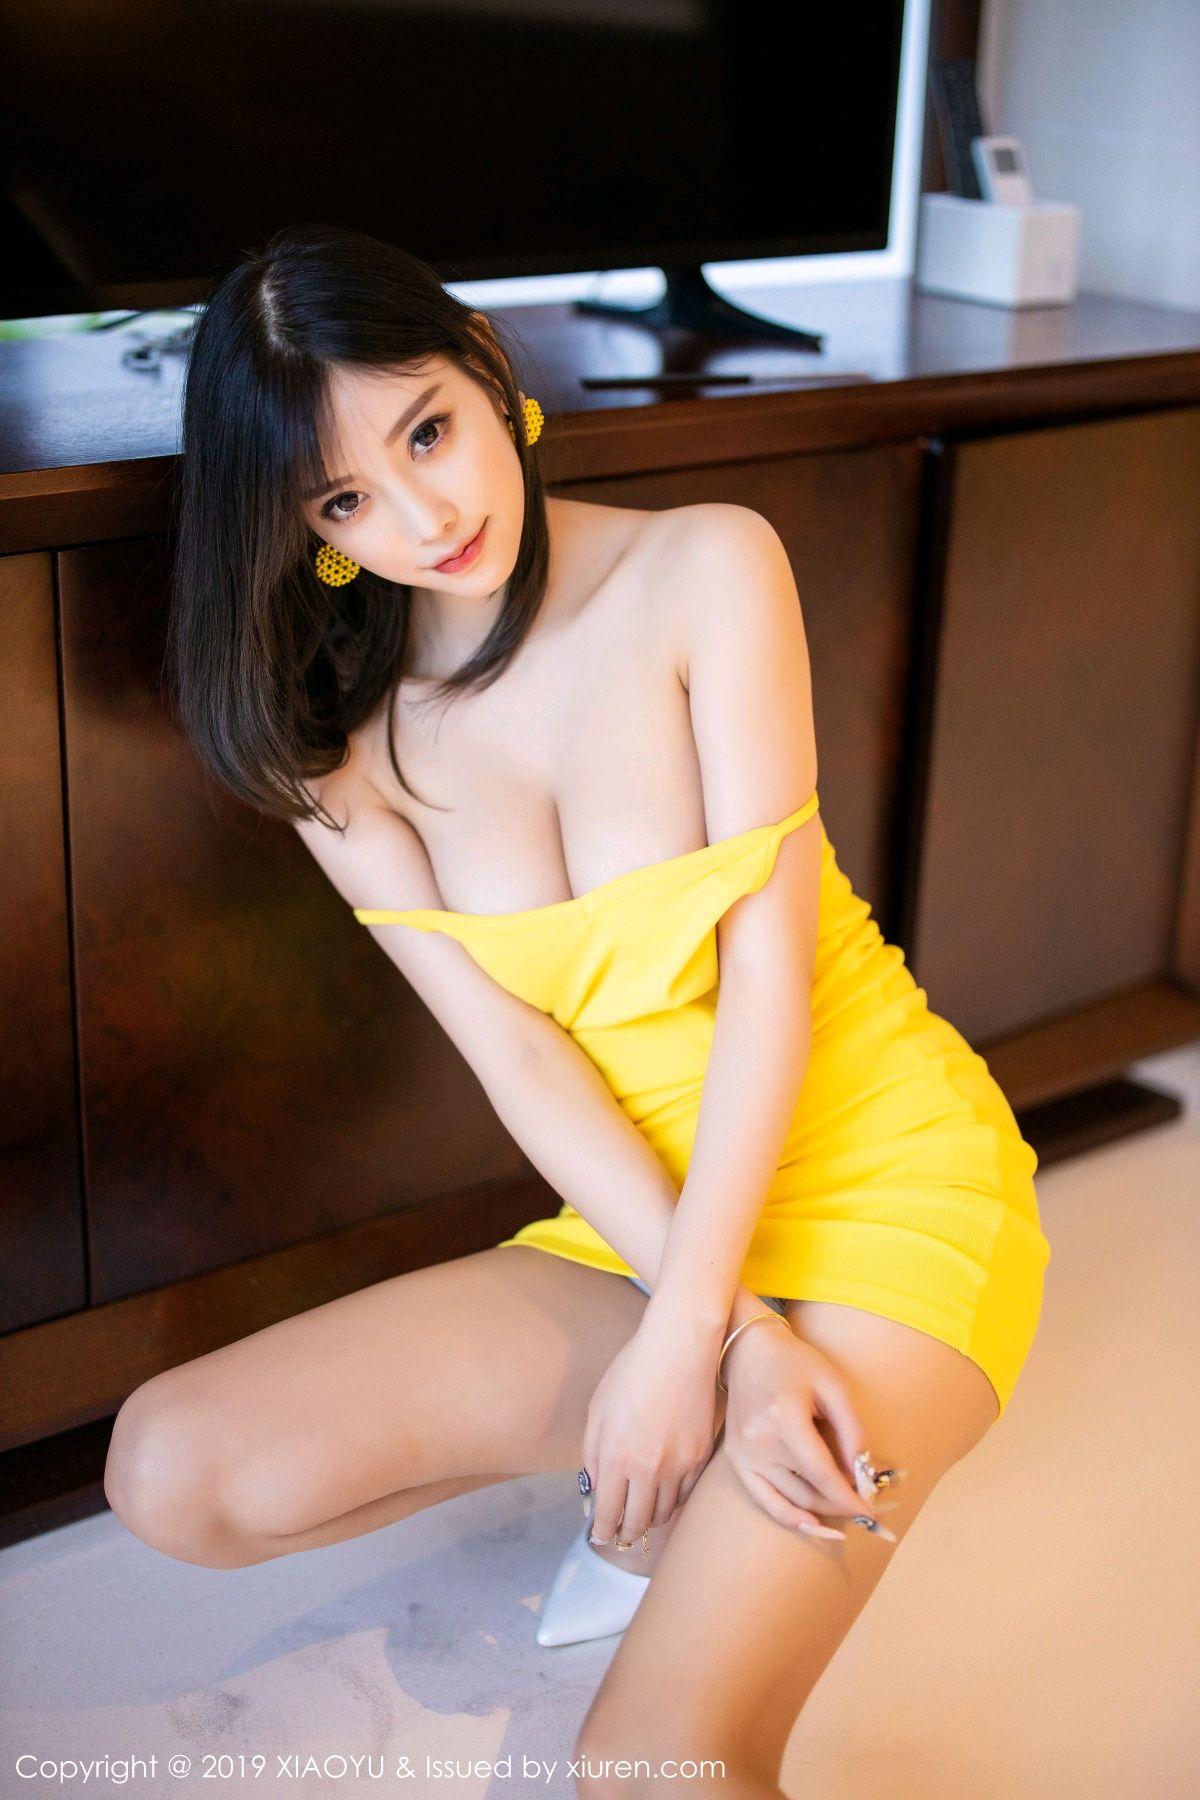 [XiaoYu] VOL.204 Yang Chen Chen 41P, Pure, XiaoYu, Yang Chen Chen